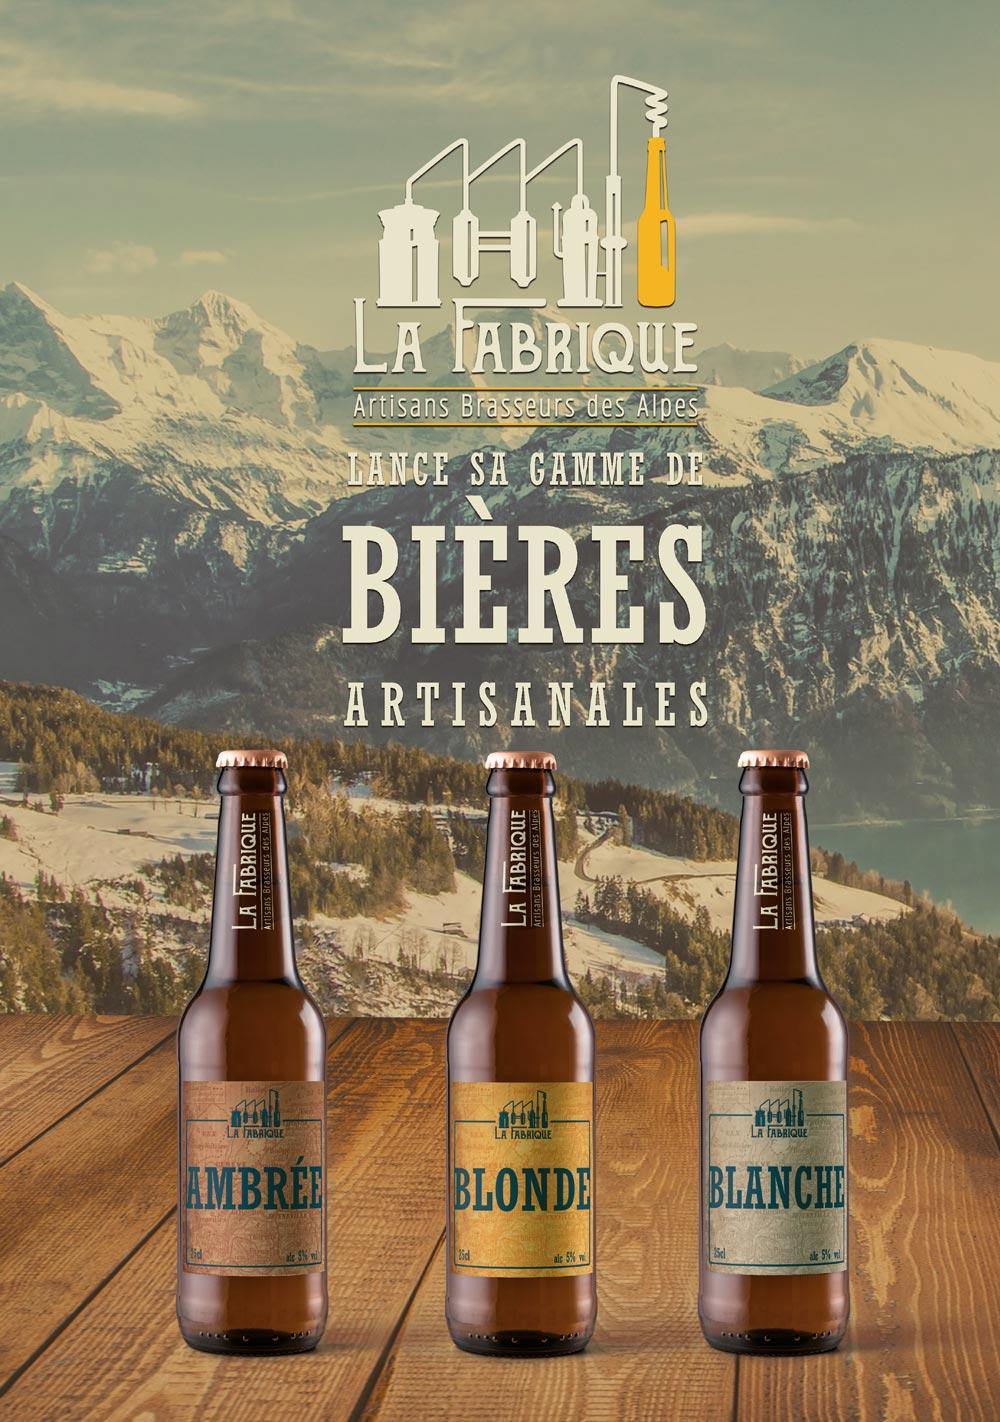 Affiche pour le projet La Fabrique Bières artisanales - Diane Gaillard